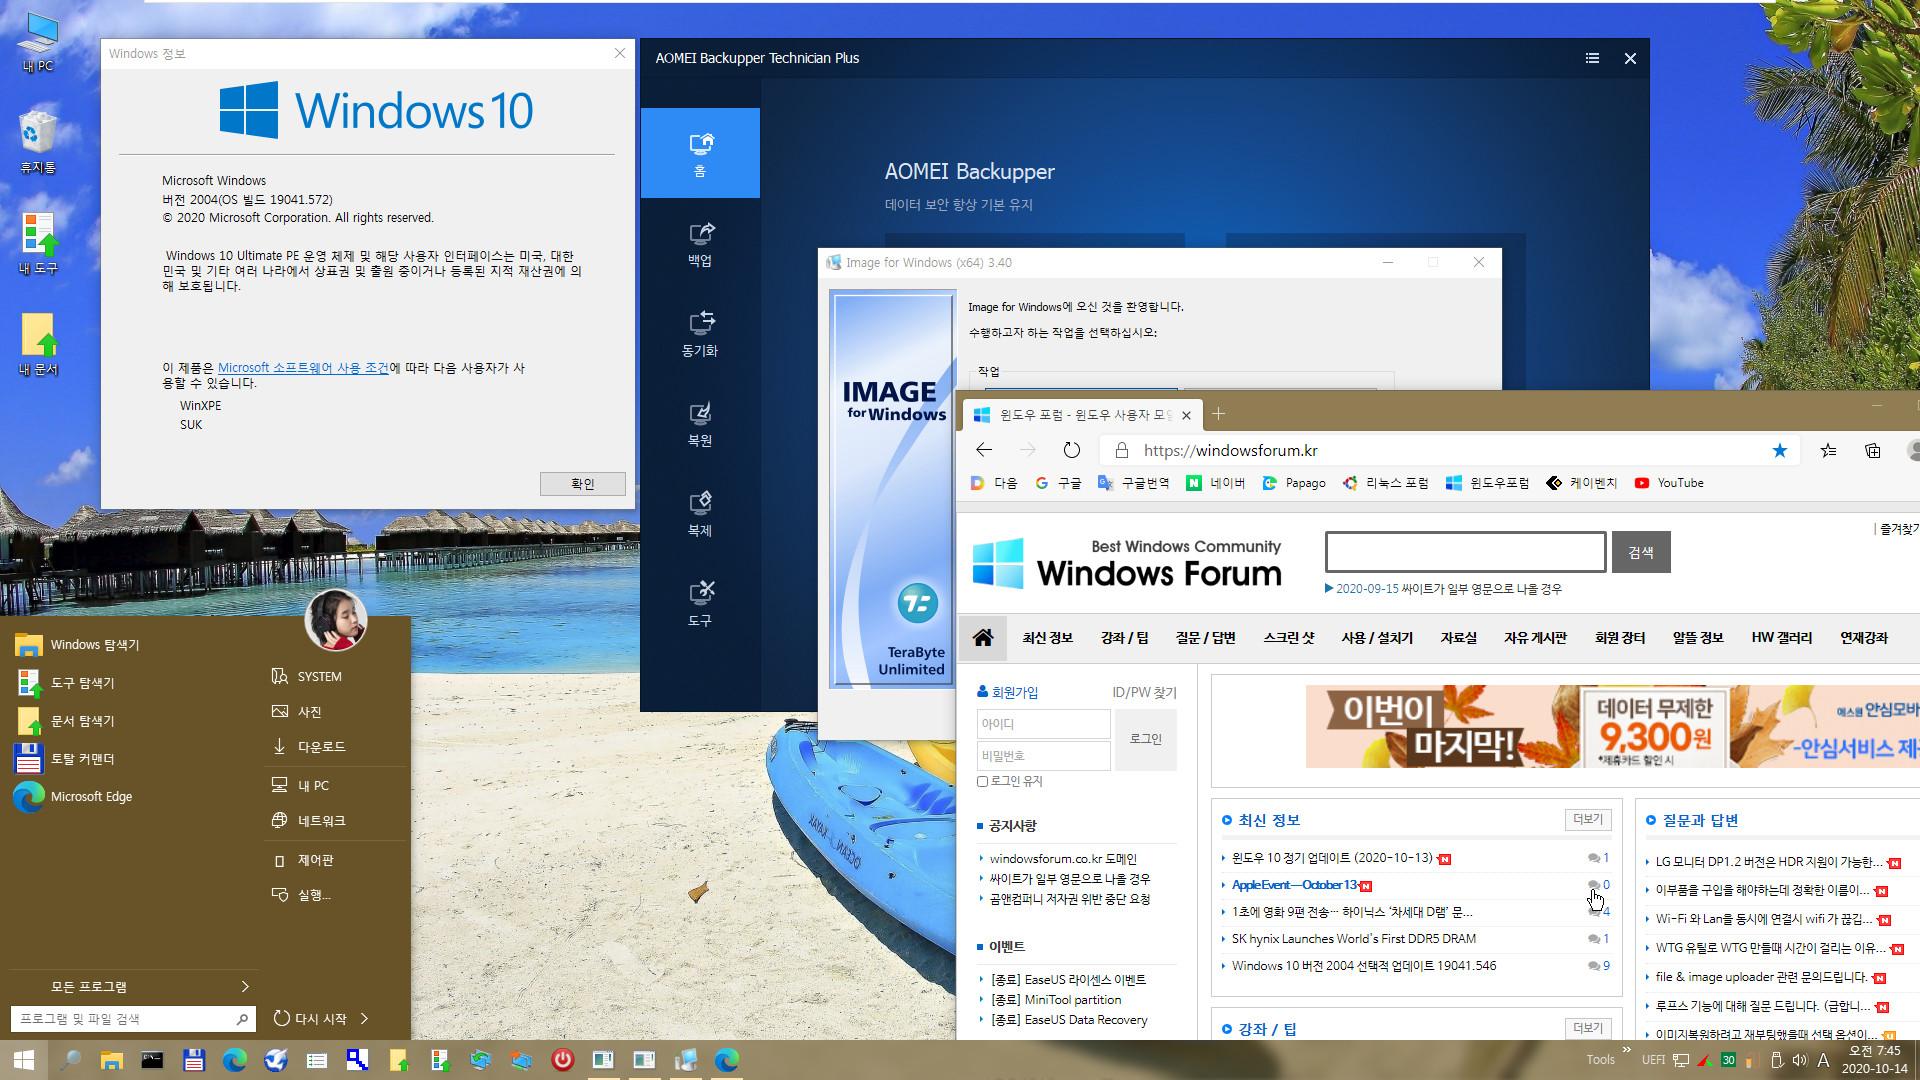 2020-10-14 수요일 정기 업데이트 통합 PRO x64 2개 - Windows 10 버전 2004 + 버전 20H2 누적 업데이트 KB4579311 (OS 빌드 19041.572 + 19042.572) - PE 만들기 테스트 - 94는 기본 시스템 계정으로 만들어집니다 2020-10-14_074538.jpg